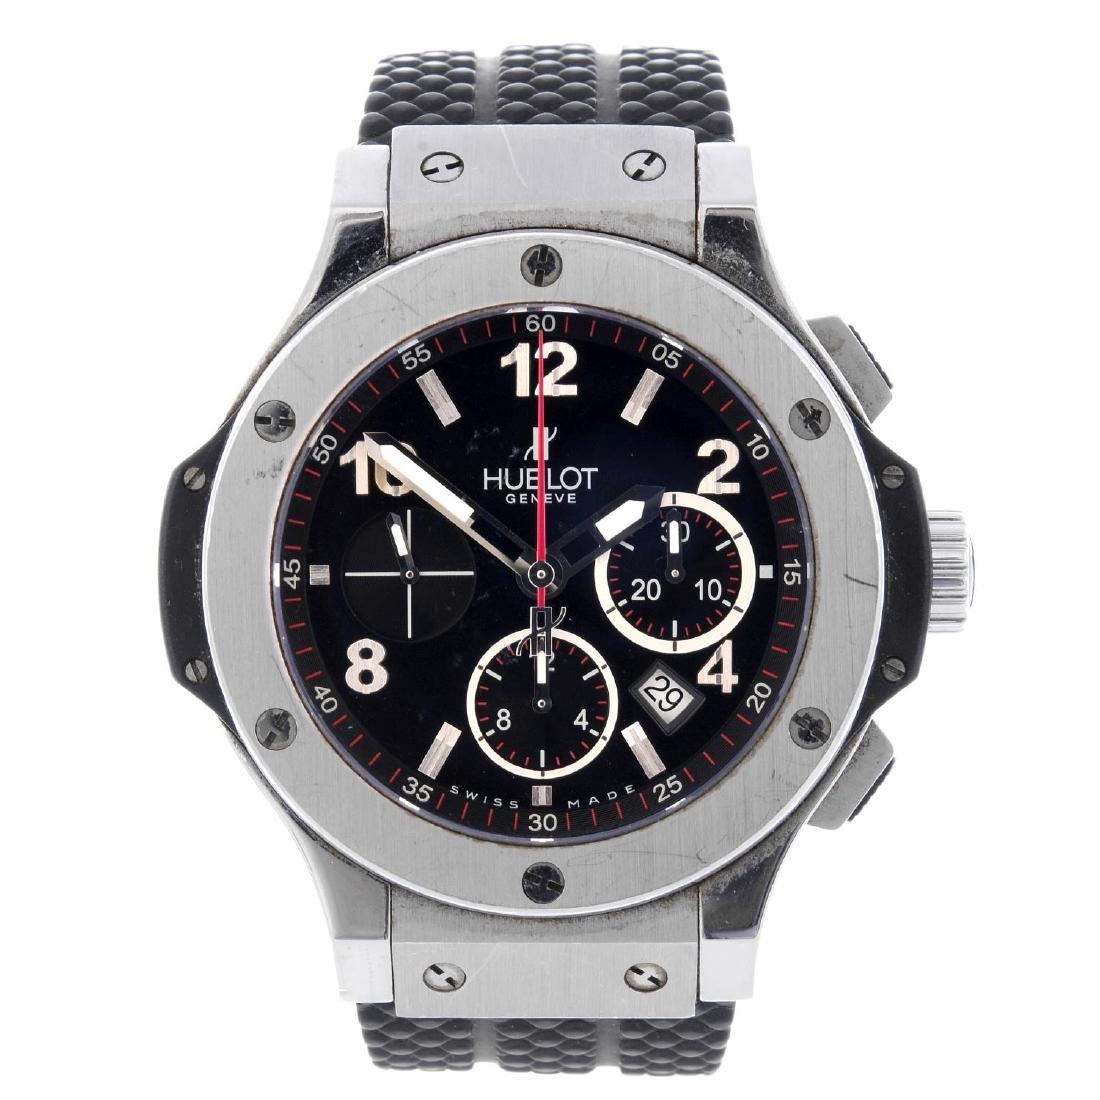 HUBLOT - a gentleman's Big Bang chronograph wrist